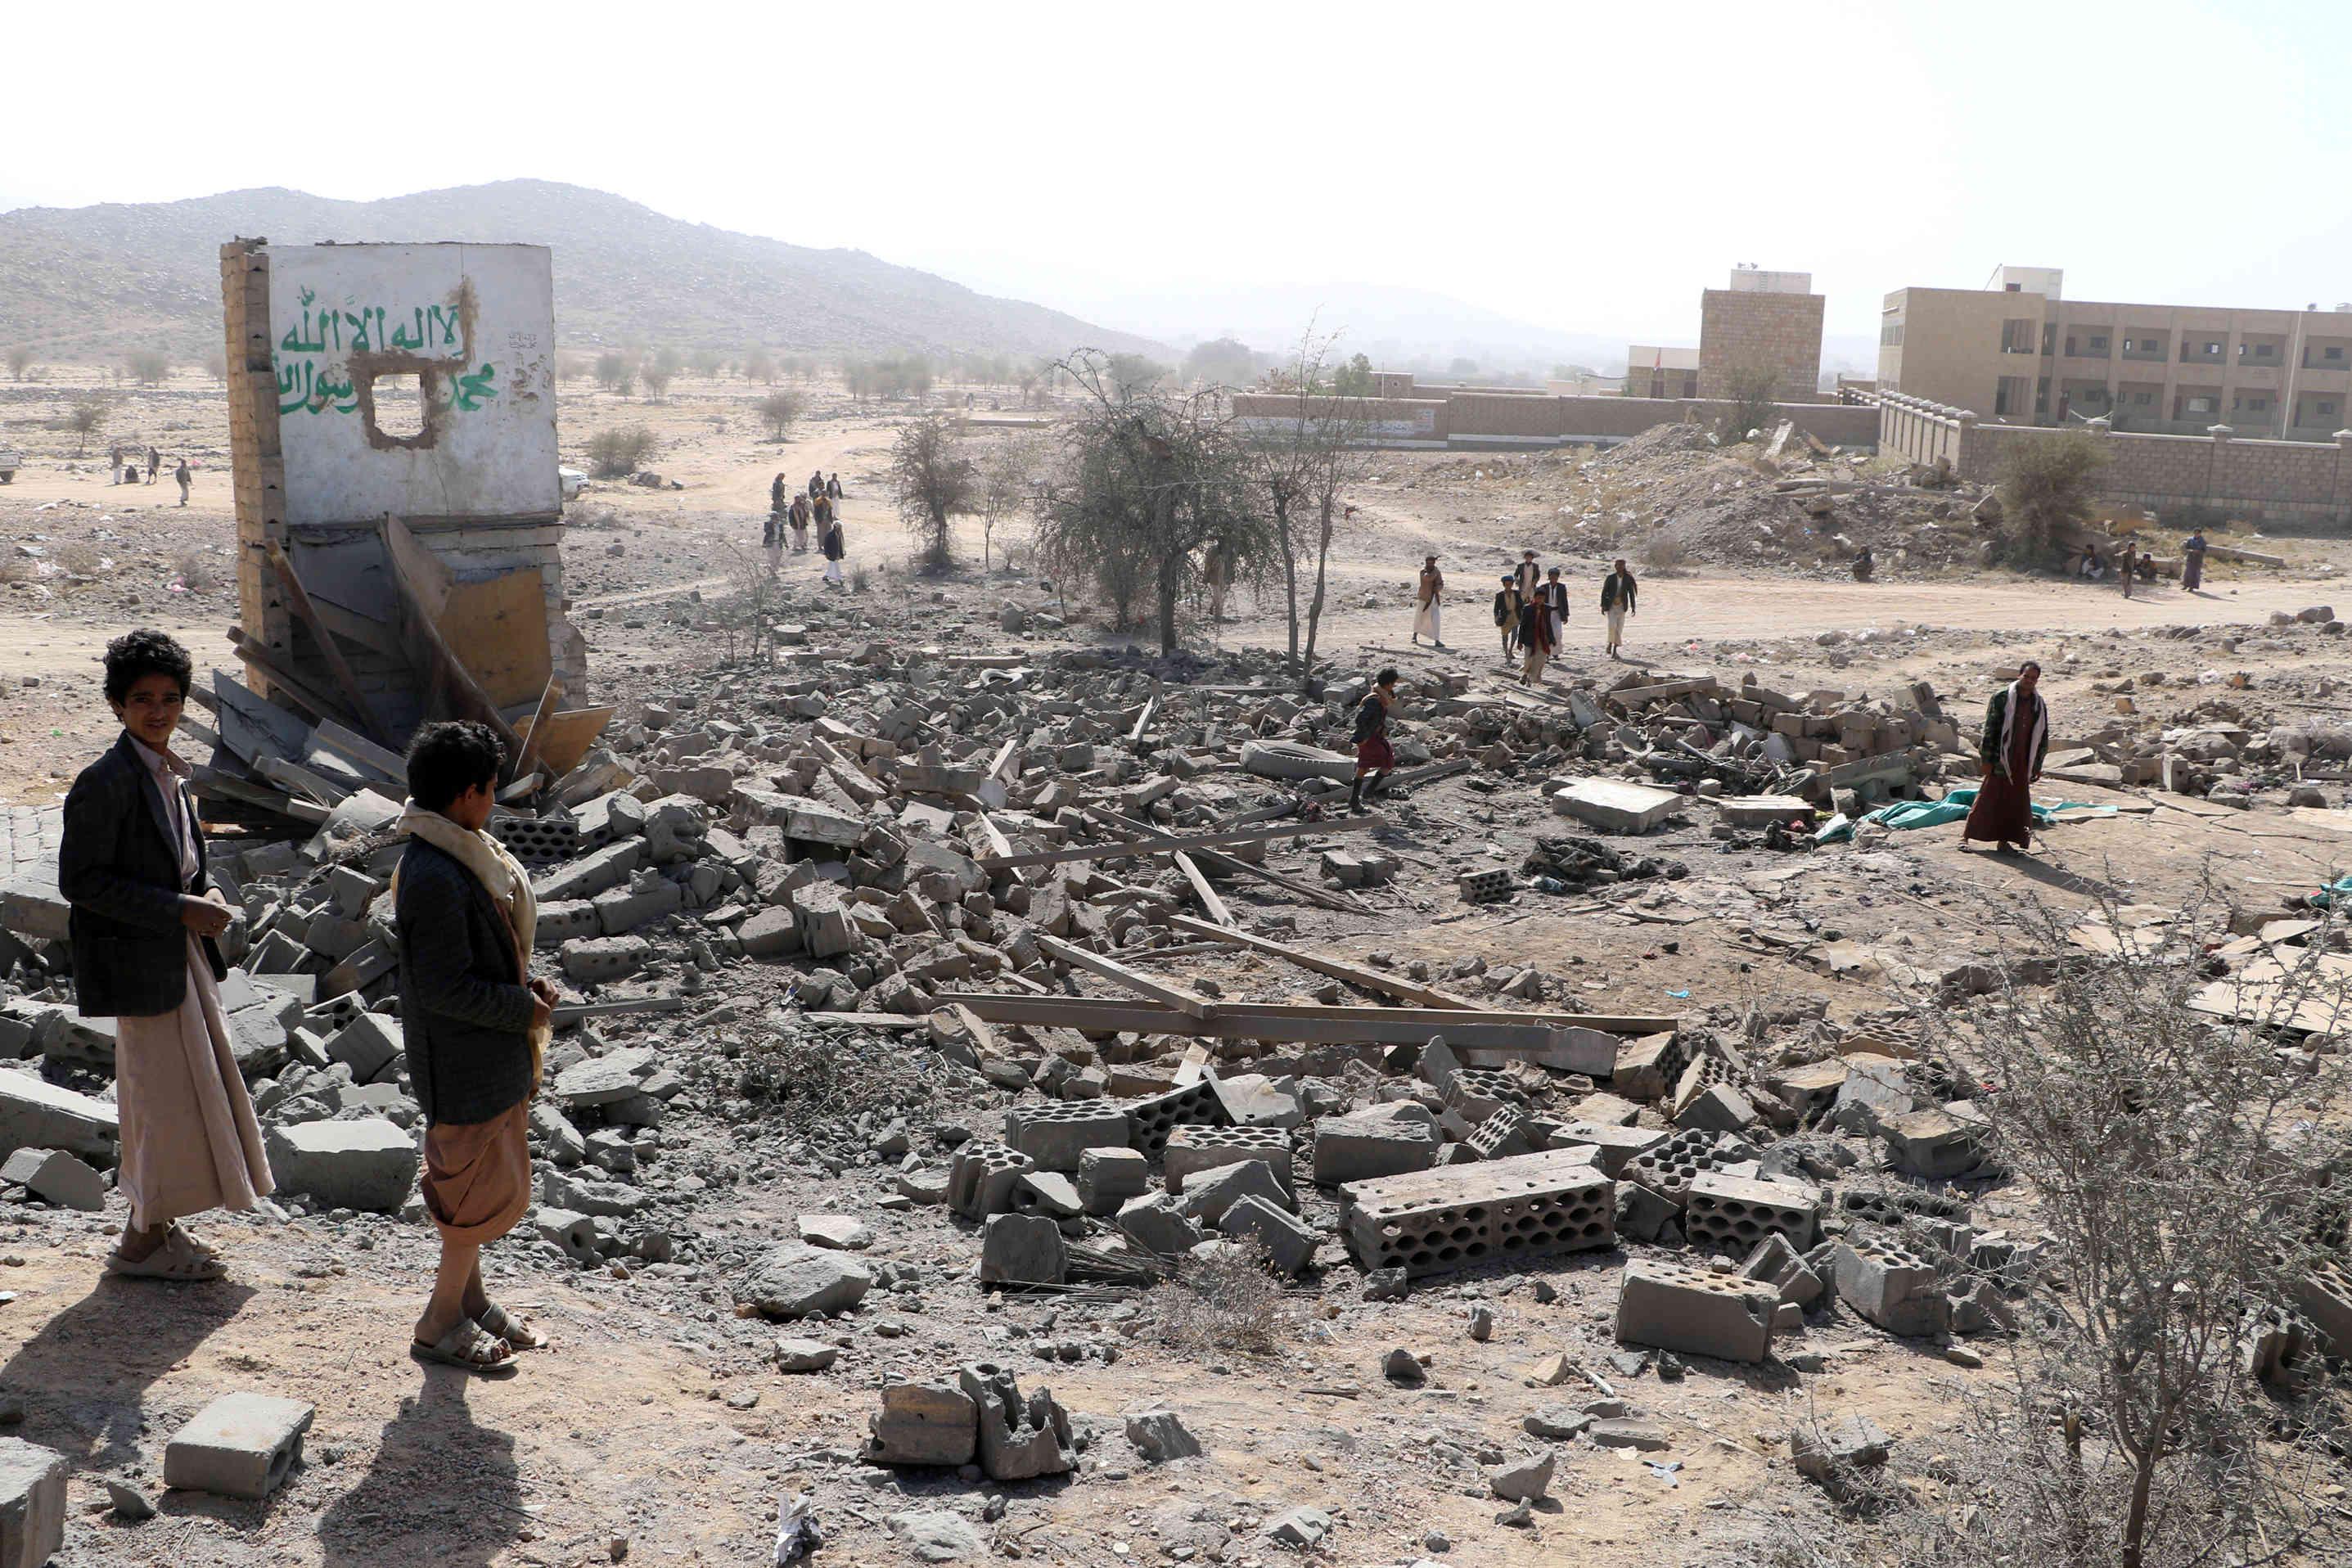 La guerra nello Yemen va avanti mentre l'occidente, incoerente, ci guadagna milioni di euro